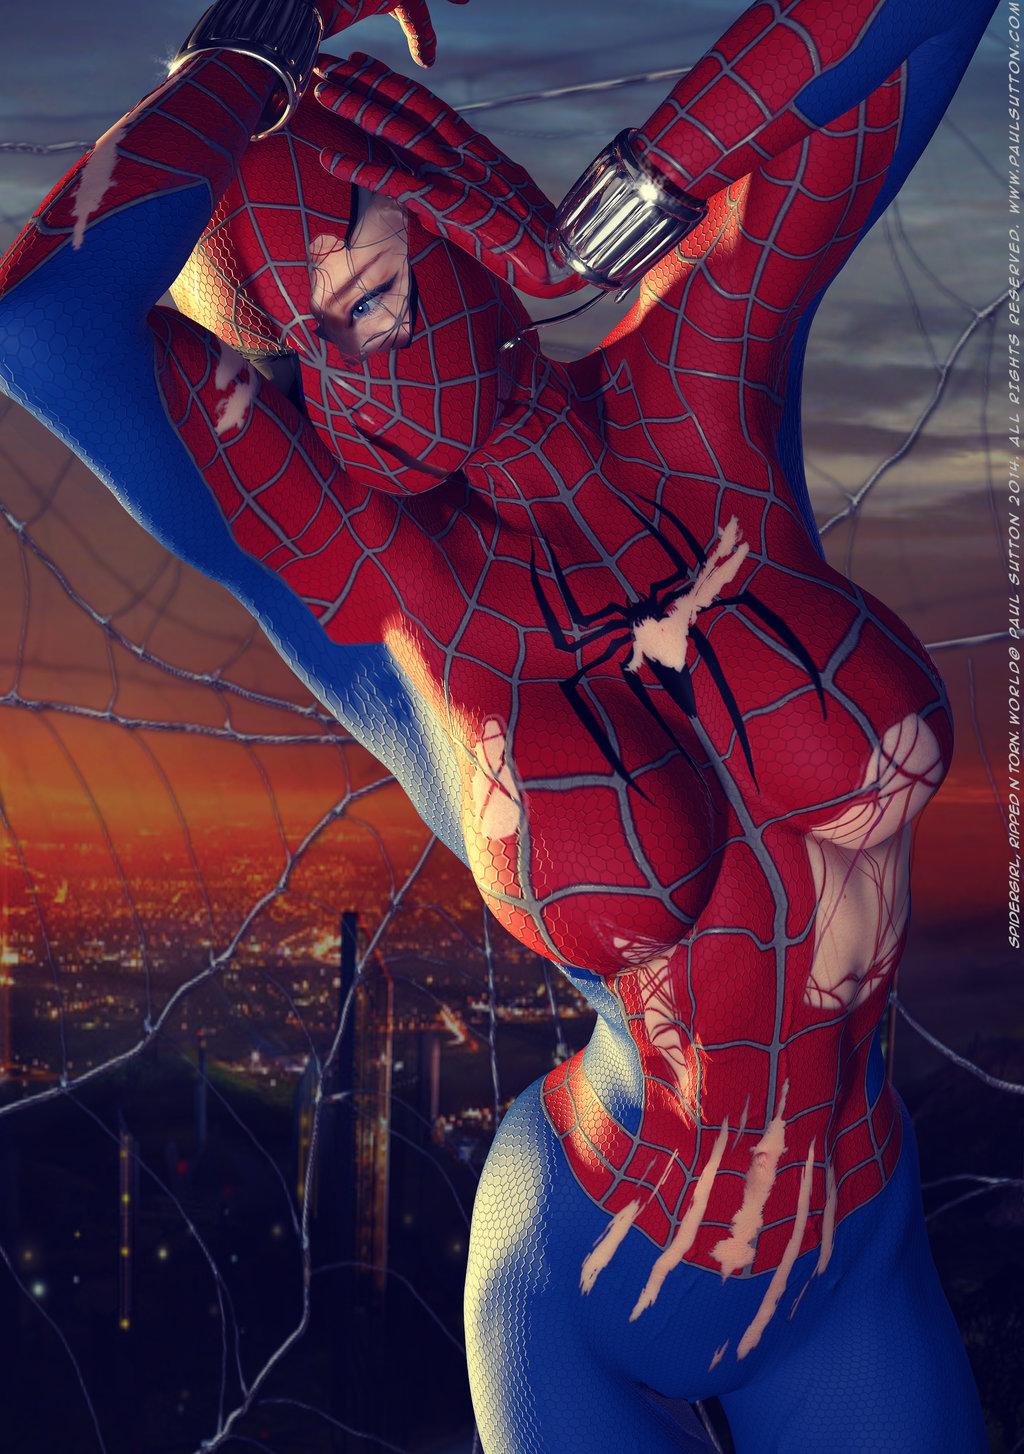 Spider woman hot pics porn scenes